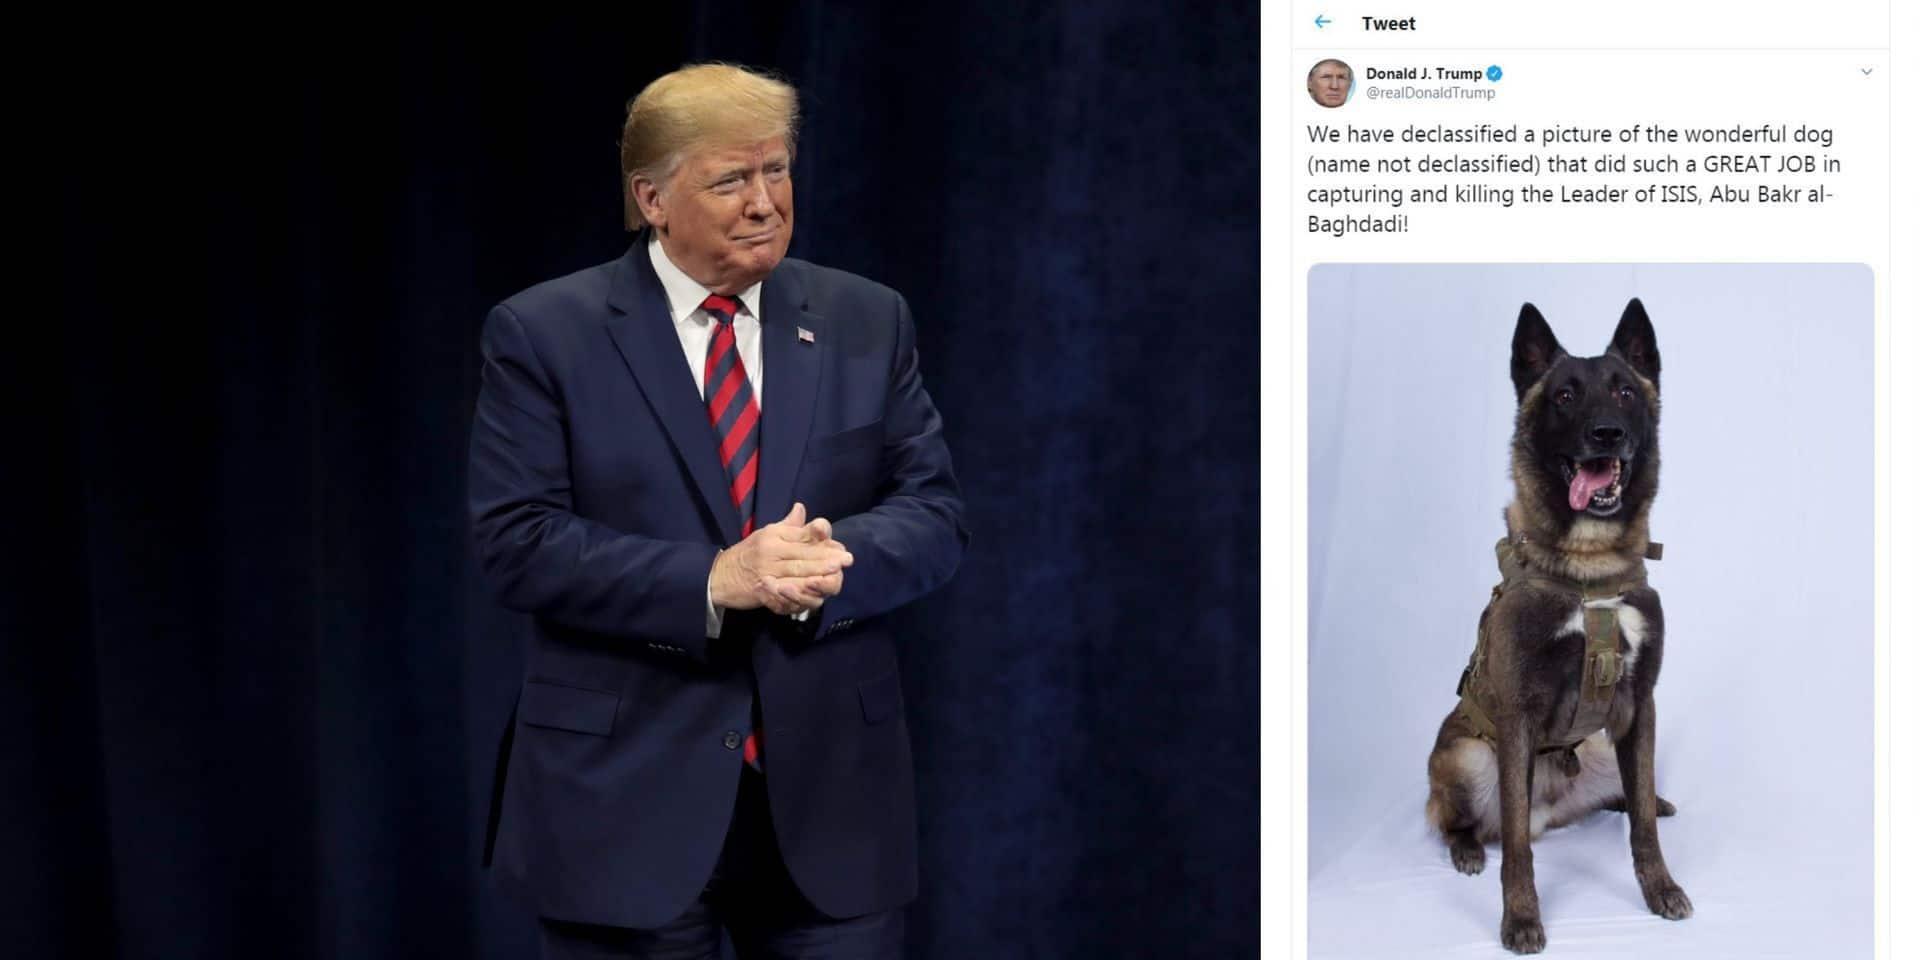 """Donald Trump dévoile la photo du chien """"héros"""" et blessé dans l'assaut contre Abou Bakr al-Baghdadi"""